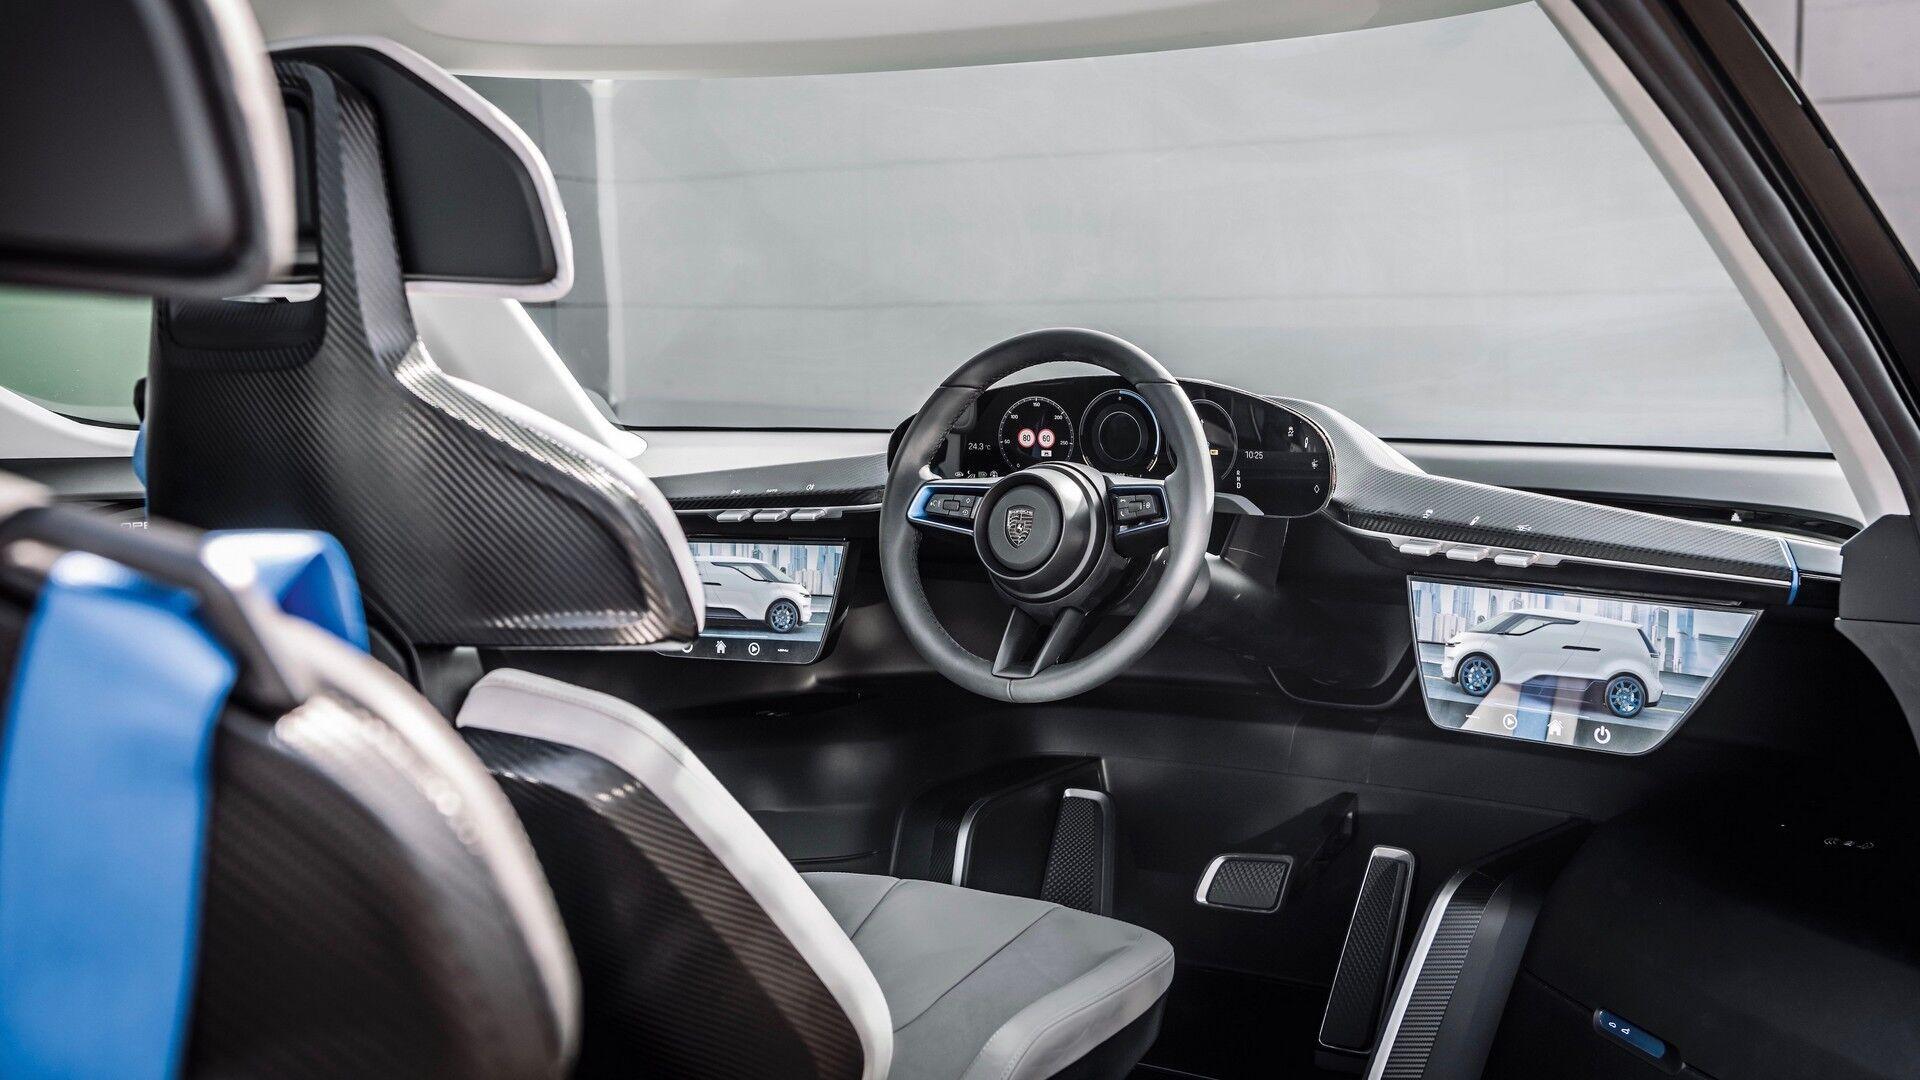 Автомобиль получил инновационный салон с тремя рядами сидений, причем, водительское, как у болида McLaren F1, расположено по центру